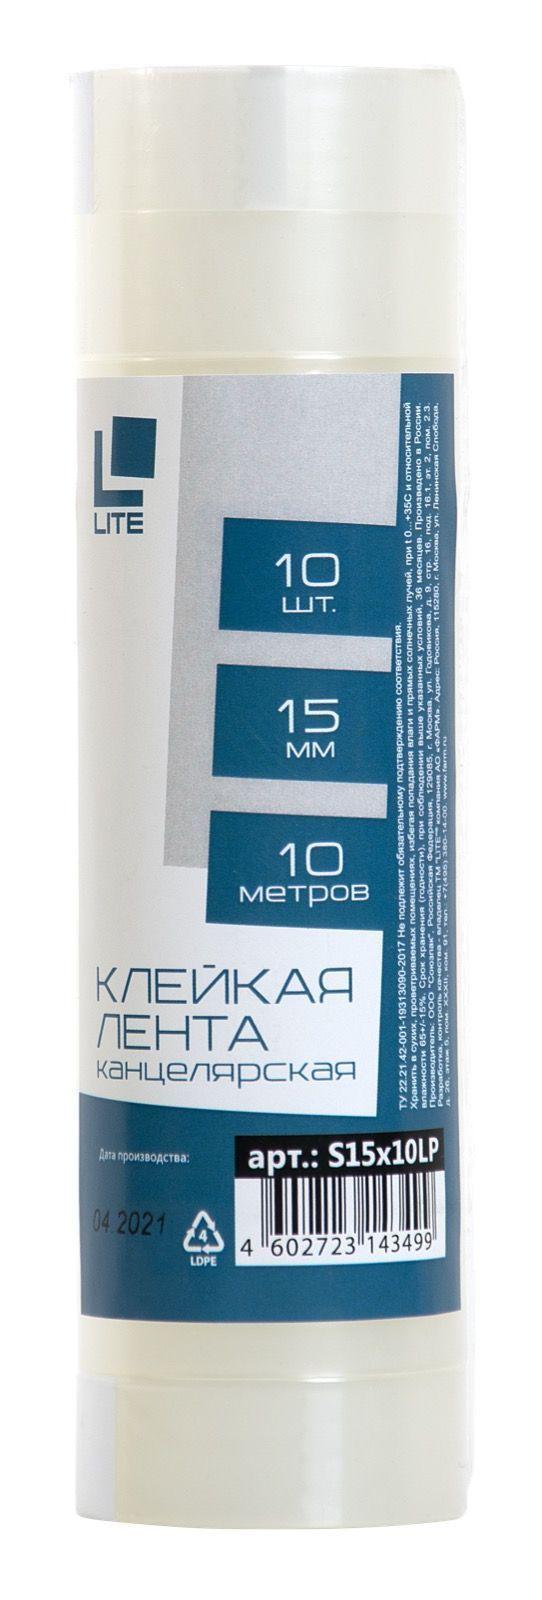 Клейк.лента канцелярская LITE 15 мм 10 м прозрачная